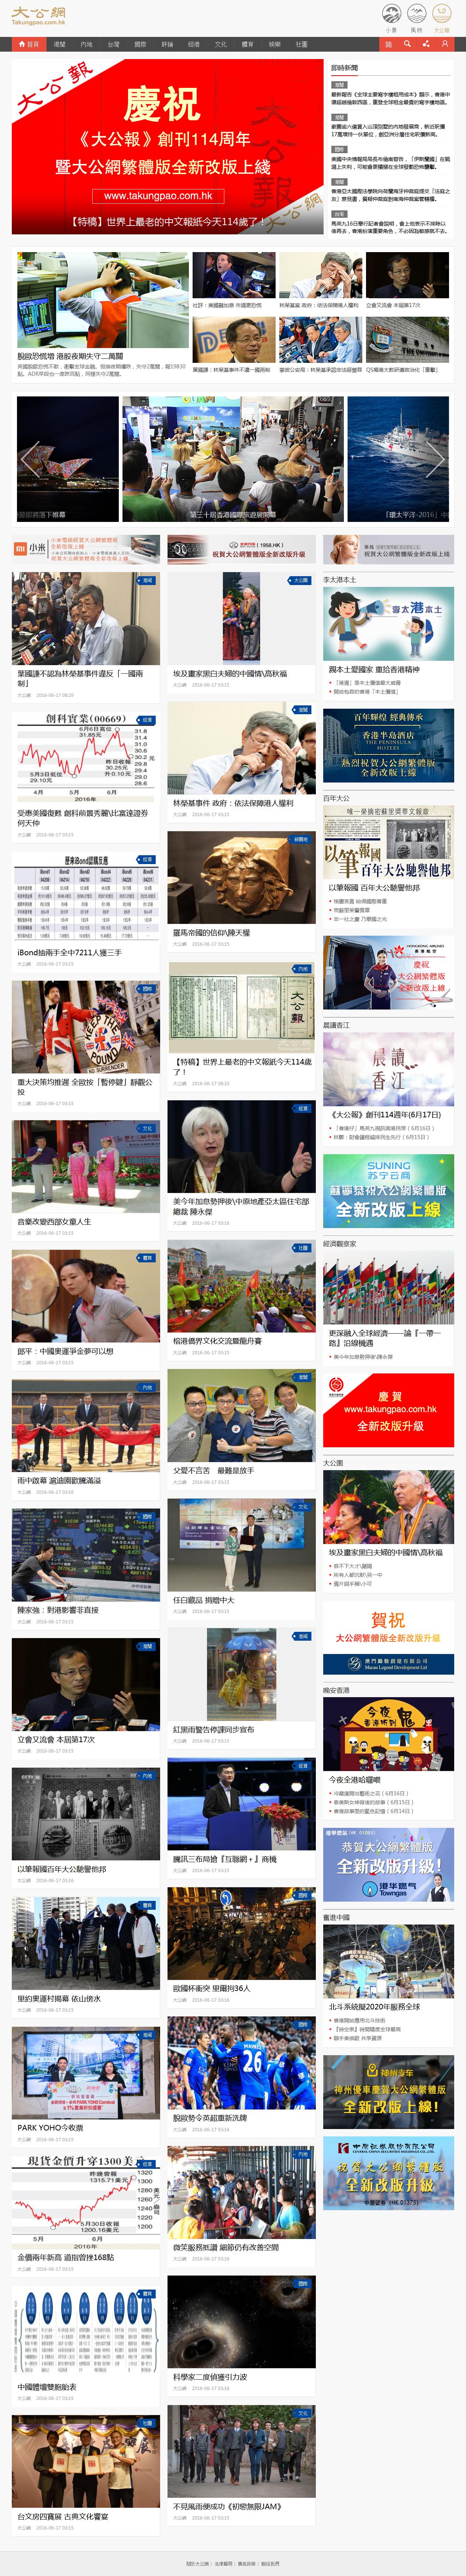 大公網繁體版全新改版上線 更貼近香港及海外用戶需求